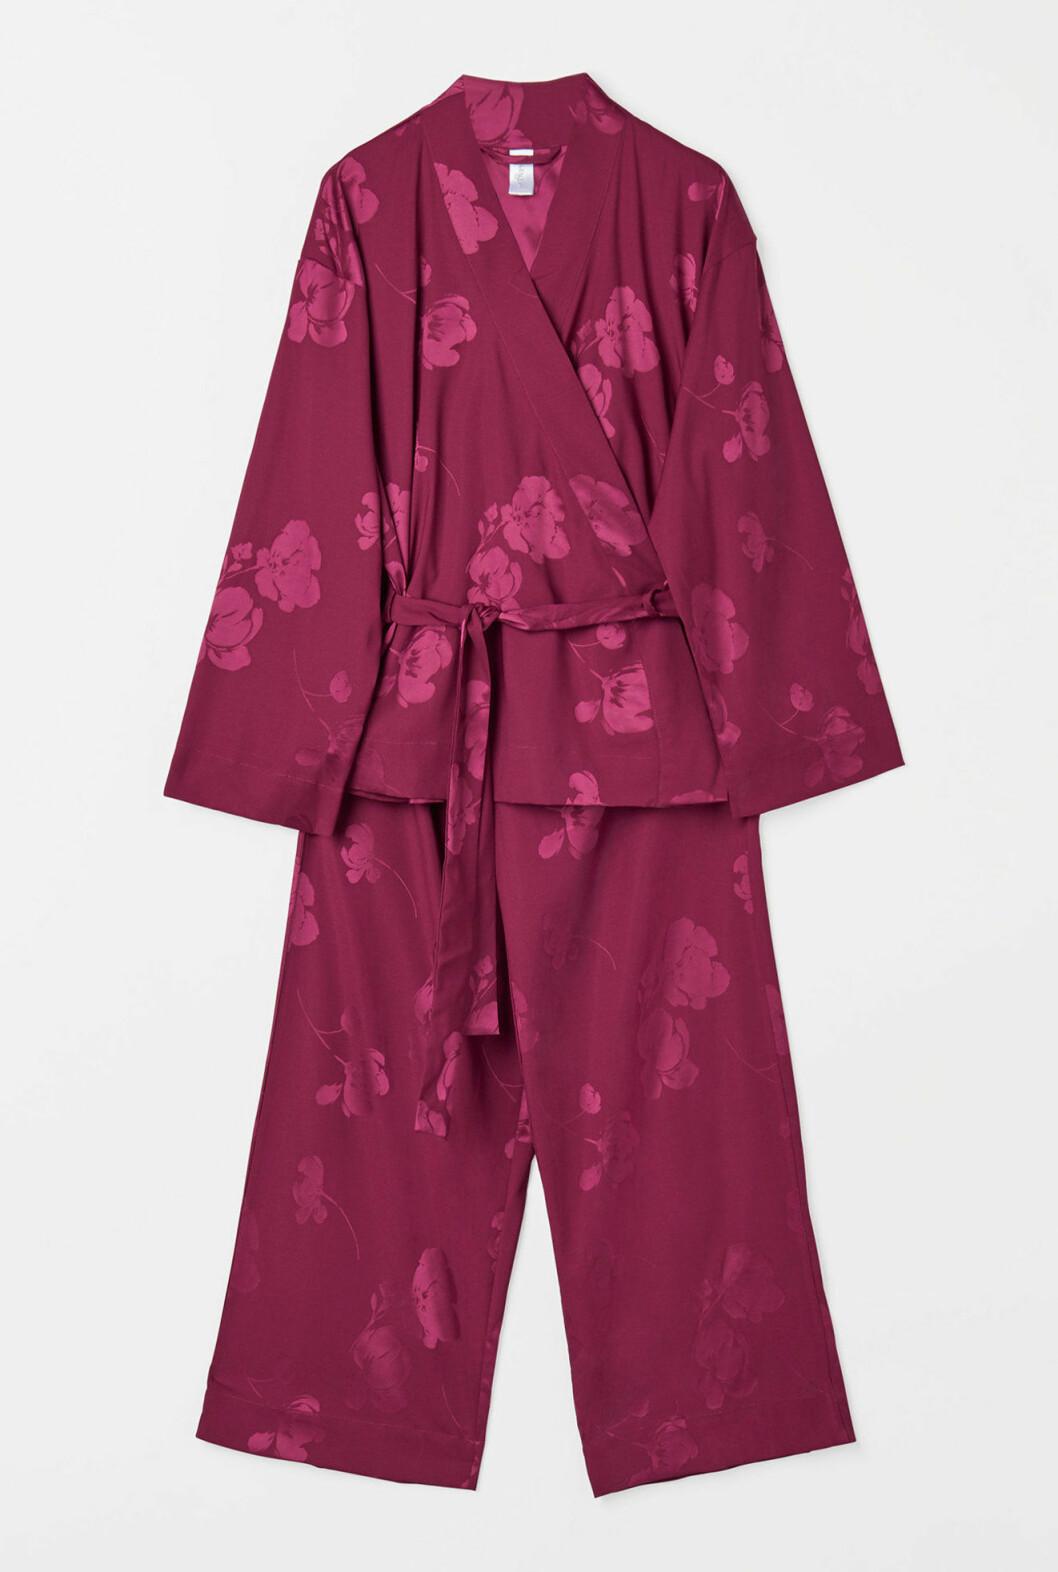 Röd snygg pyjamas för dam till 2019